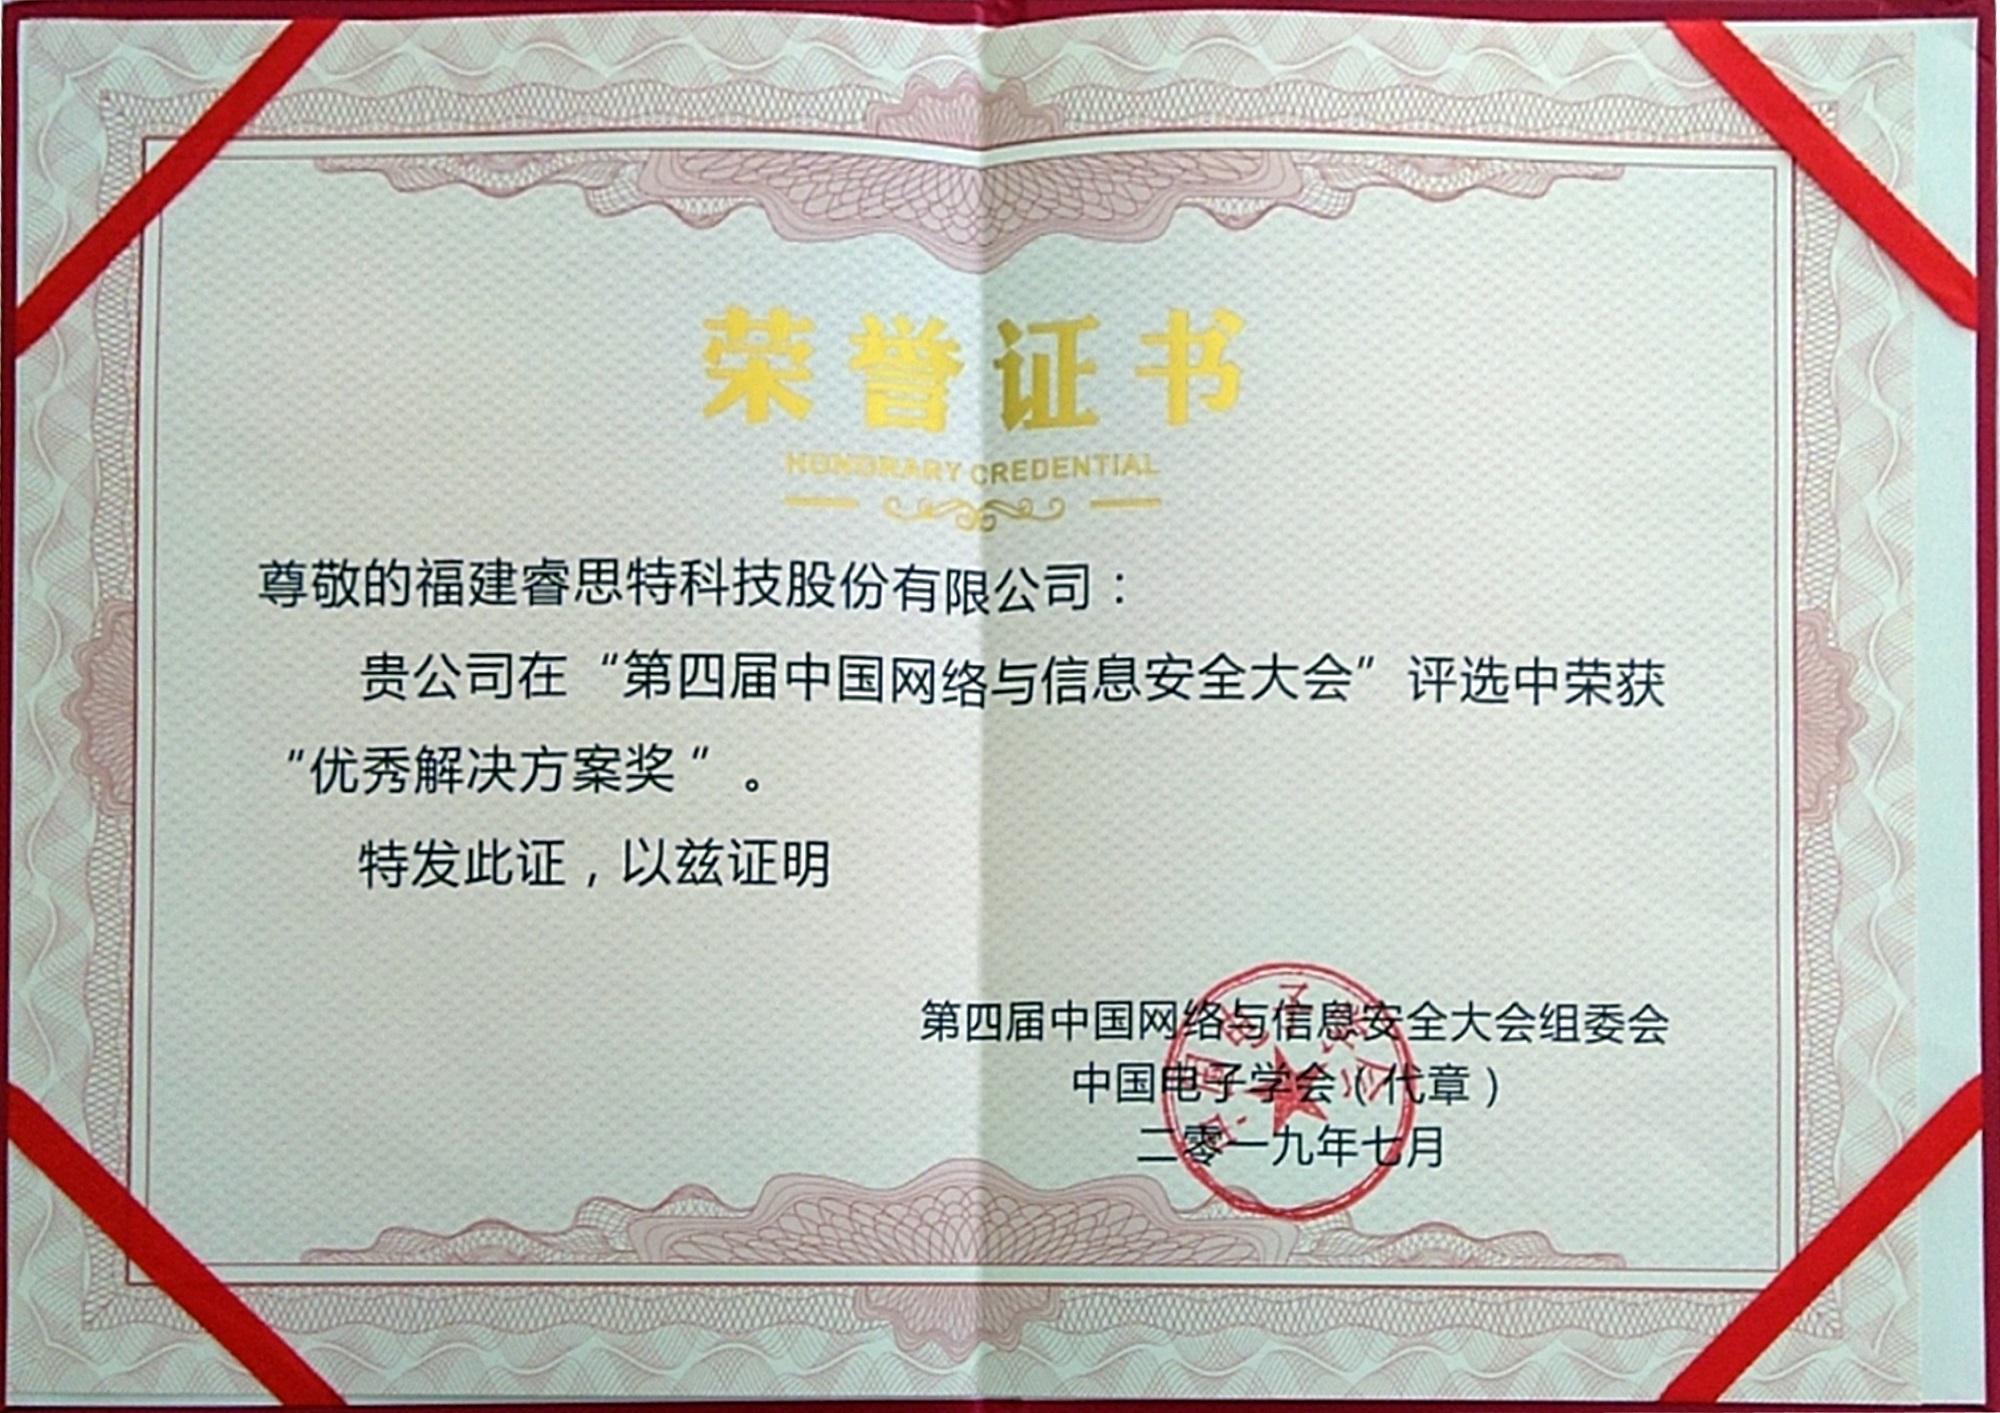 第四届中国网络与信息安全大会优秀解决方案奖